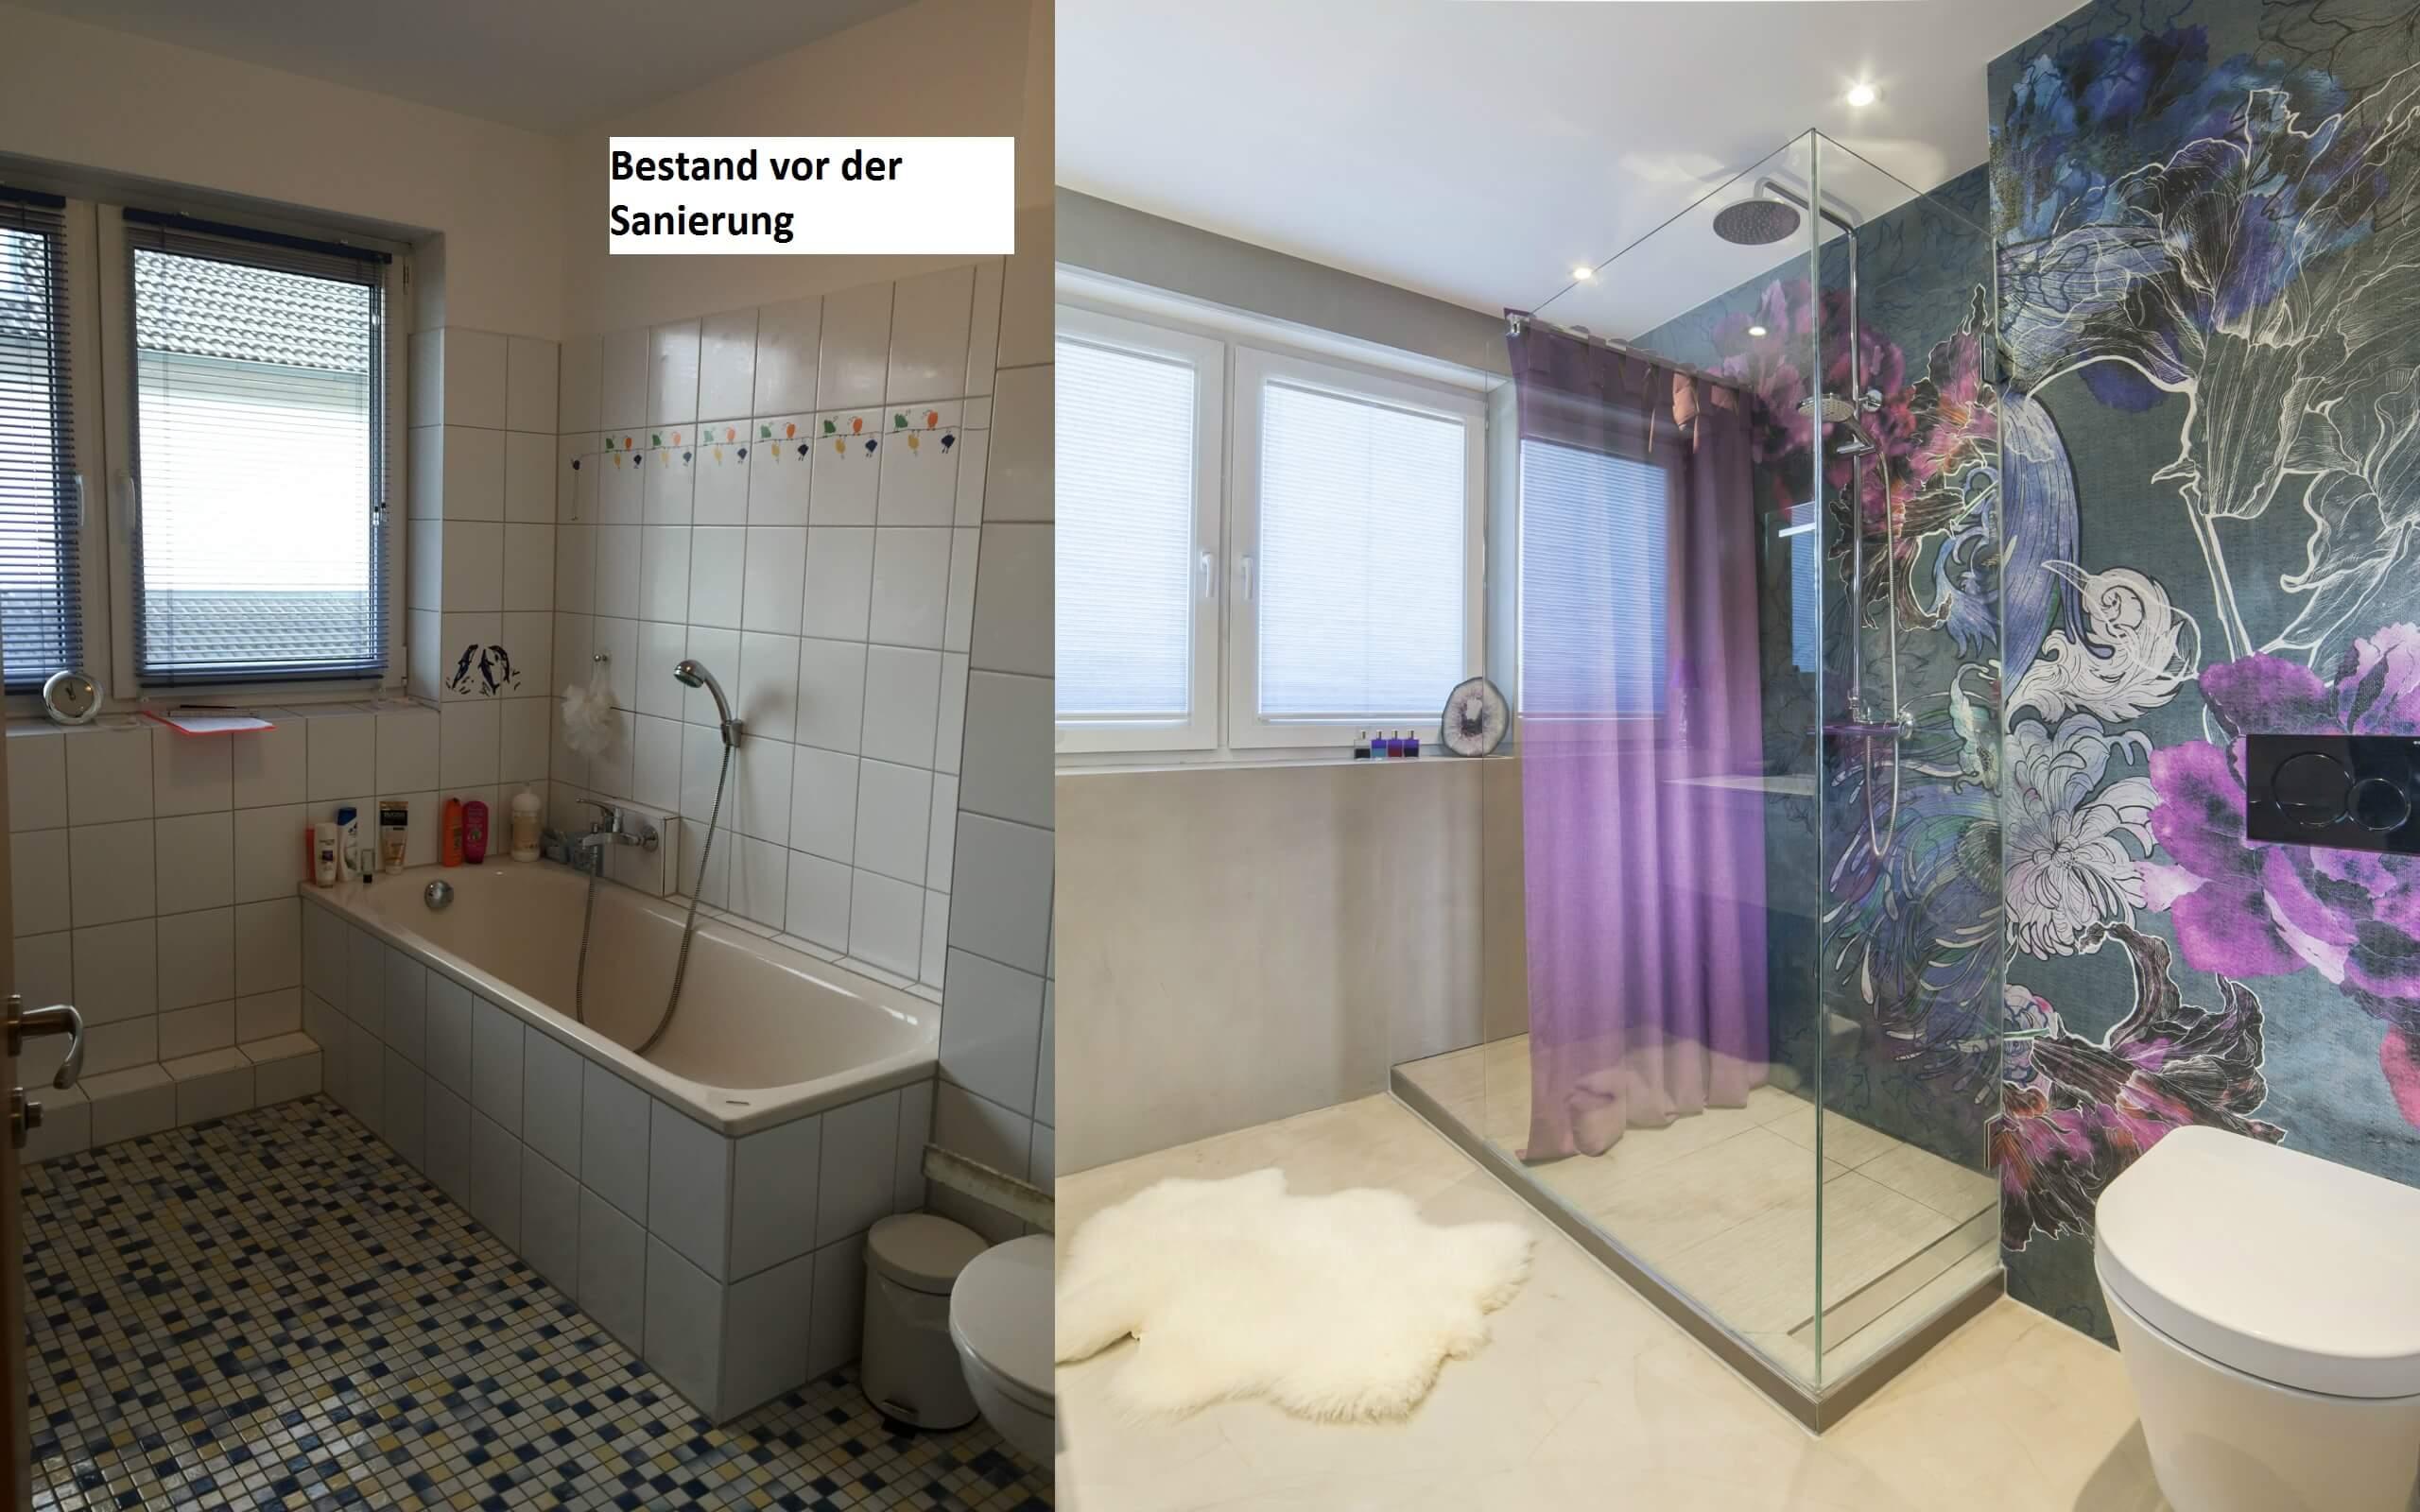 Oftmals braucht es nicht viel, um ein kleines 08/15 Badezimmer in eine stilvolle Entspannungsoase zu verwandeln